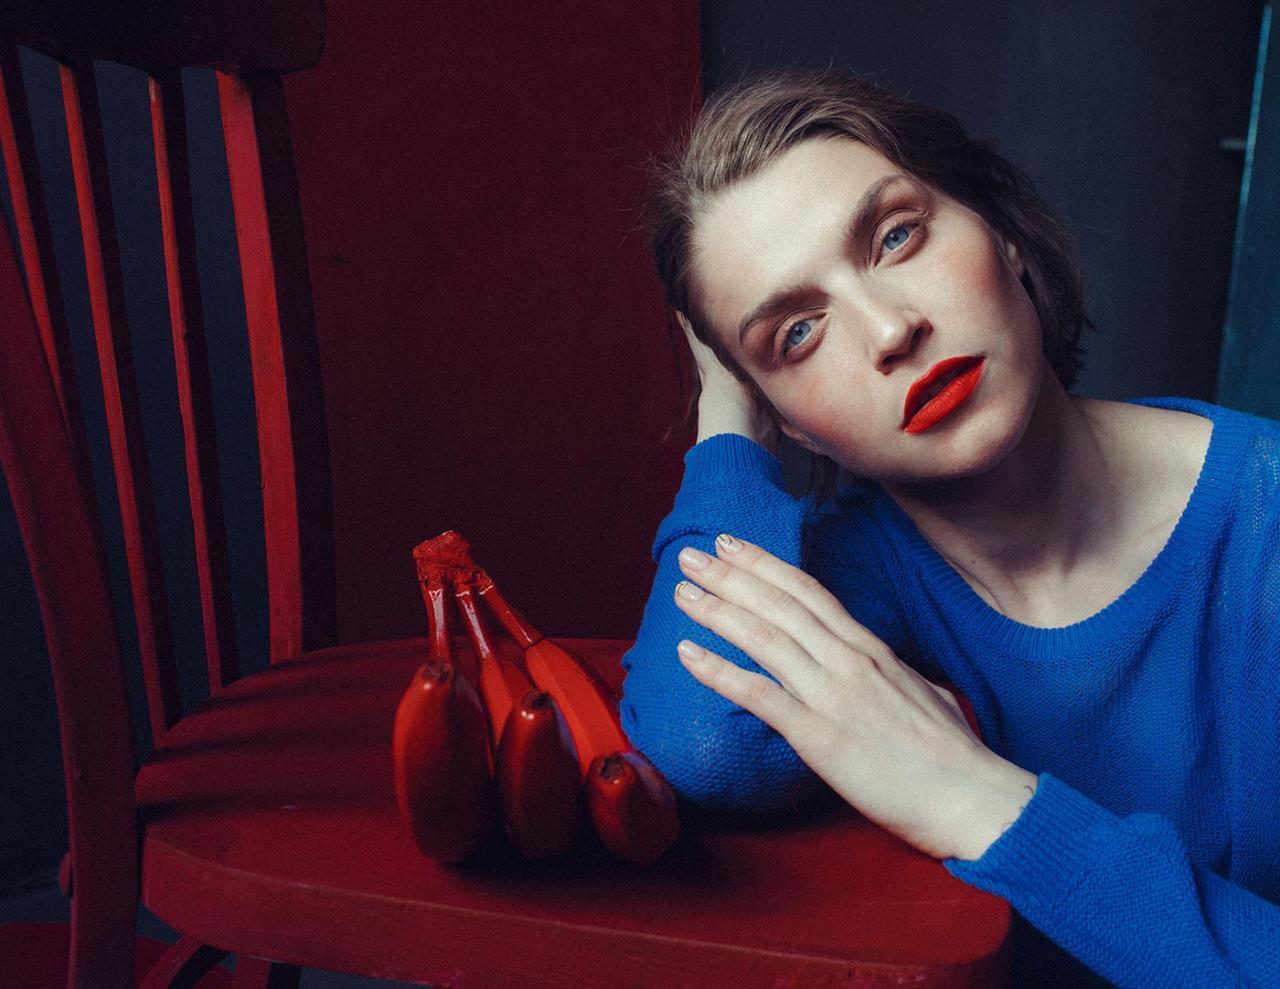 乌克兰摄影是marta syrko 色彩人像作品 for Sasha 时尚图库 第11张